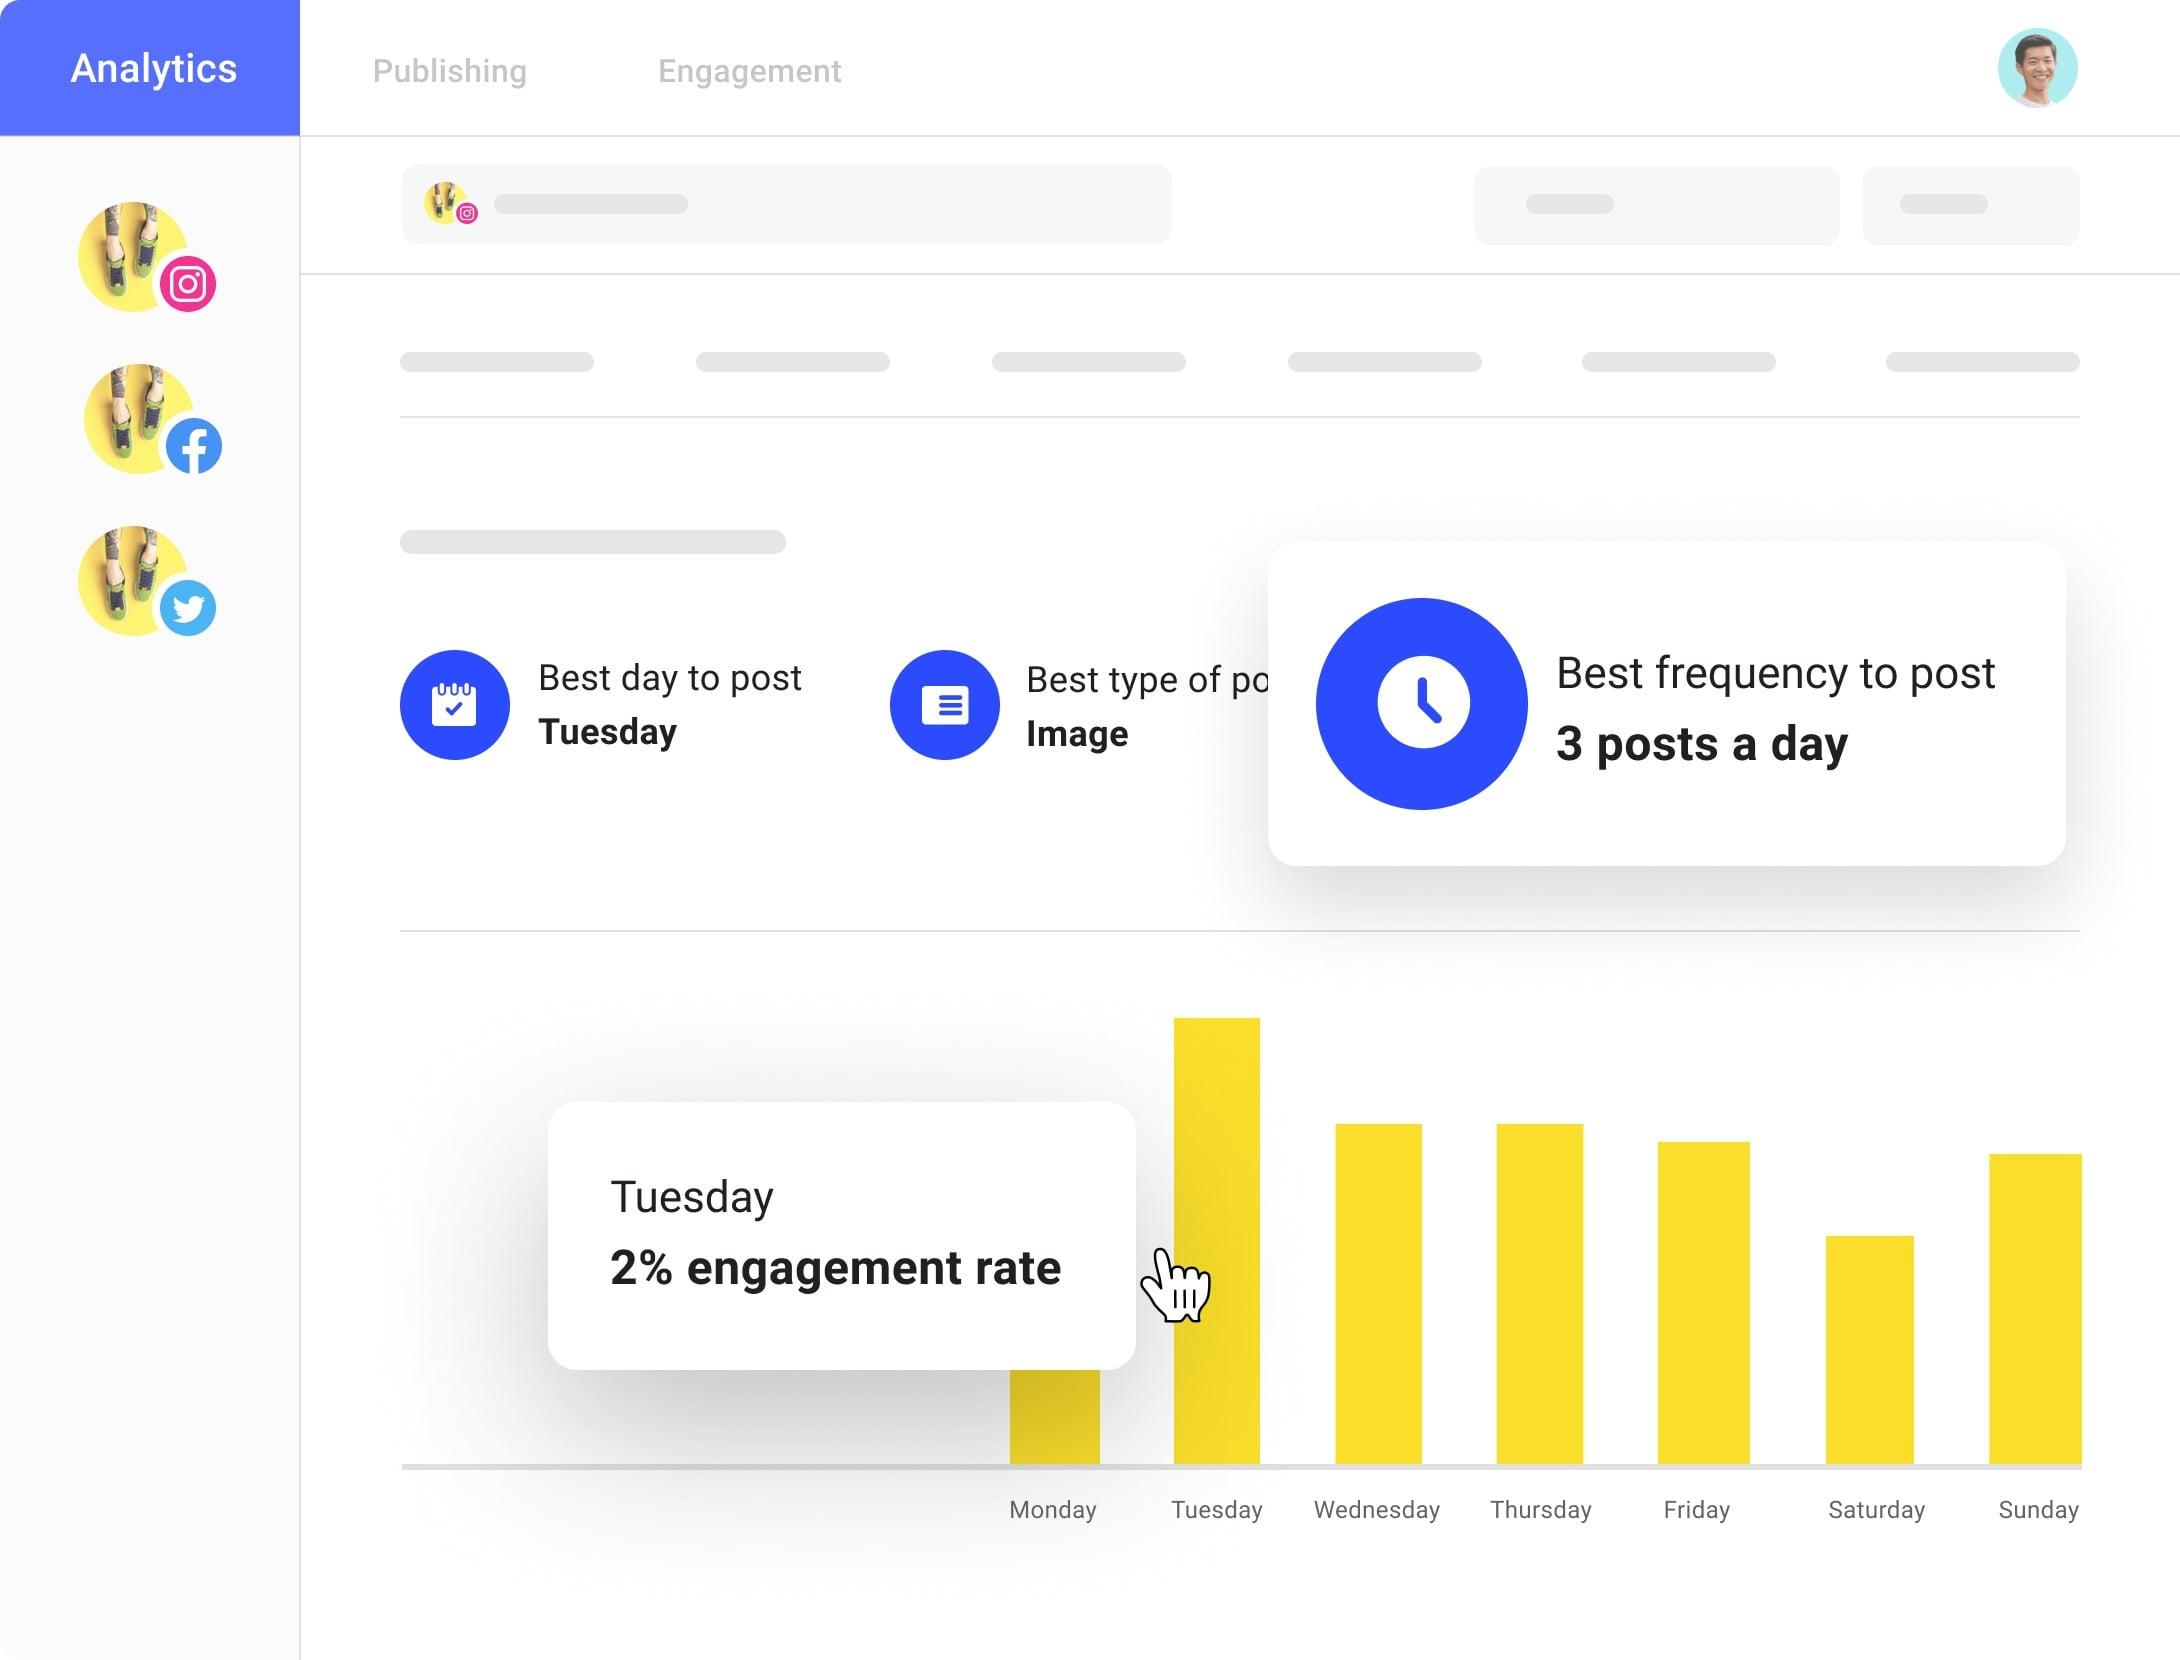 Illustration of Buffer's social media analytics tool